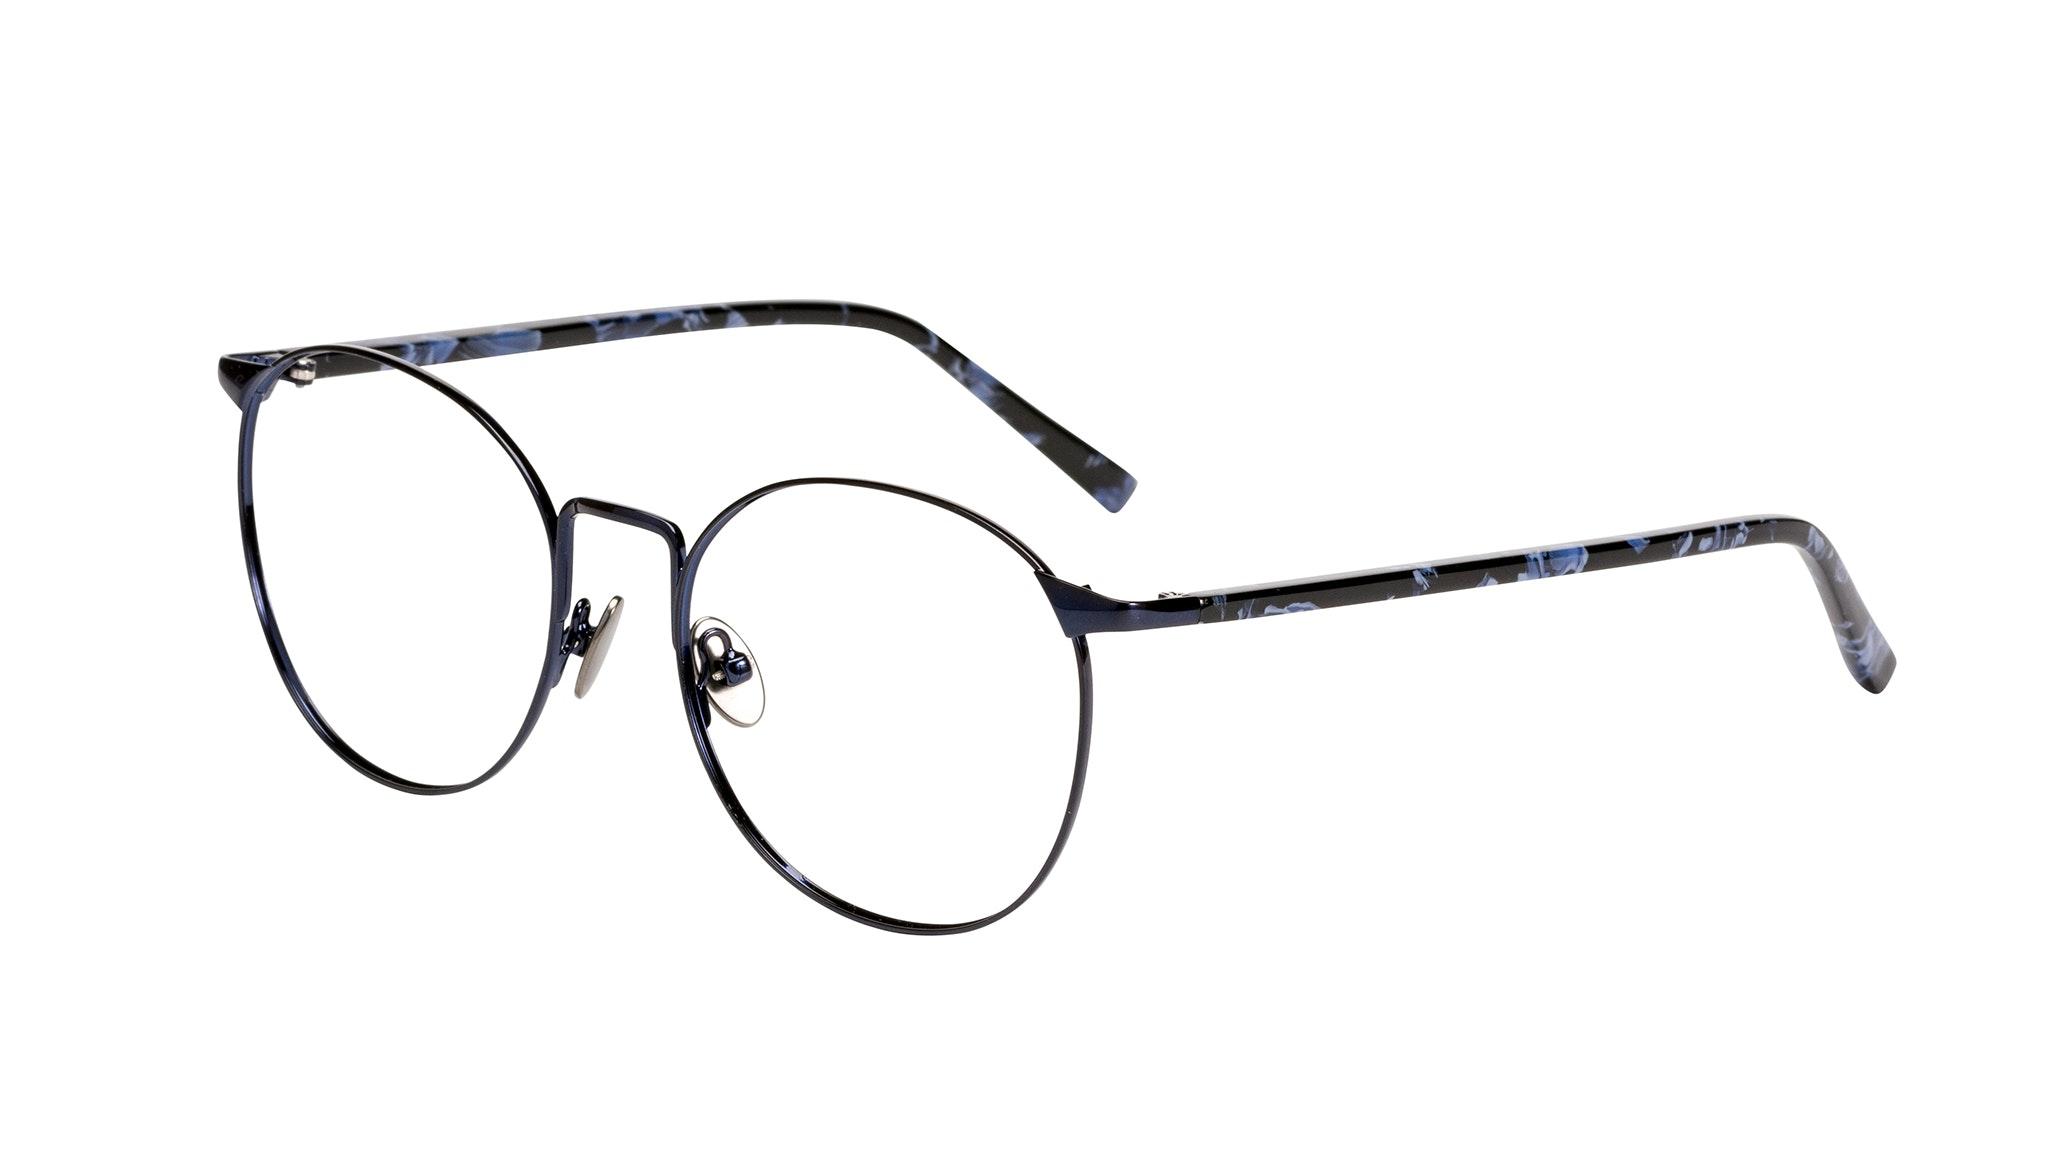 Affordable Fashion Glasses Round Eyeglasses Women Romy Penombre Tilt